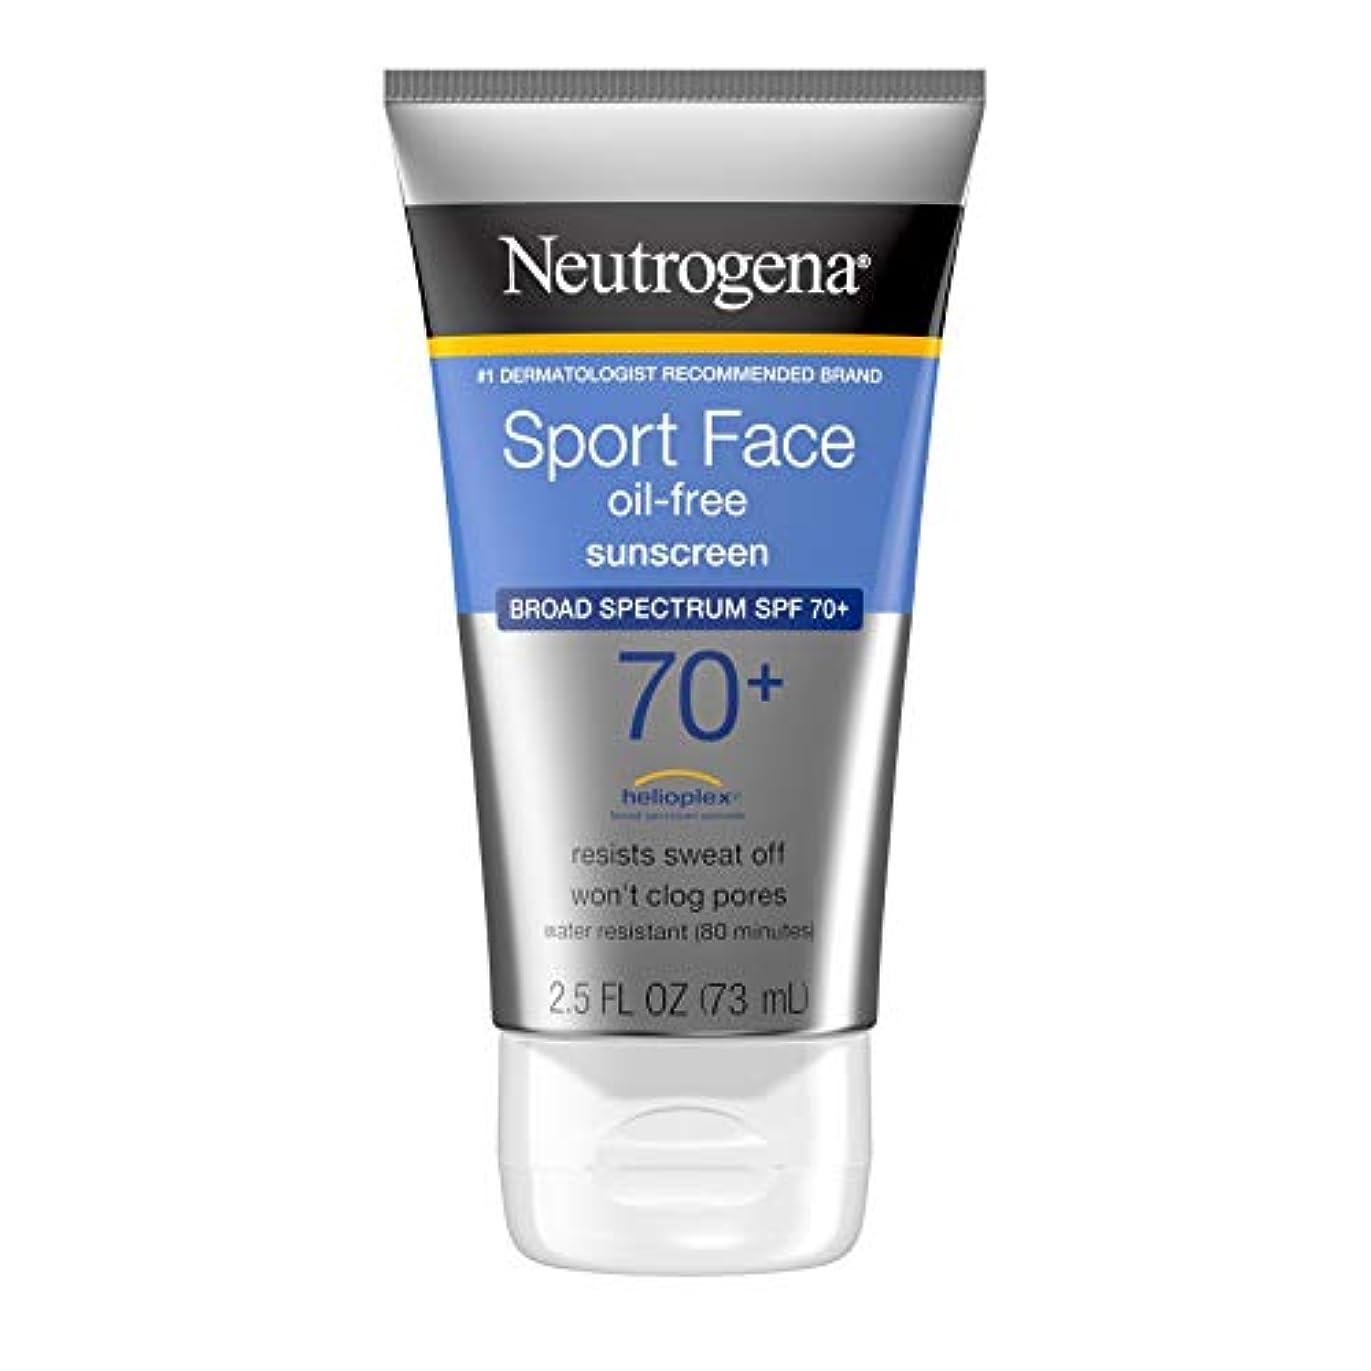 検索エンジンマーケティング質素な次Neutrogena Ultimate Sport Face SPF#70 73 ml (並行輸入品)